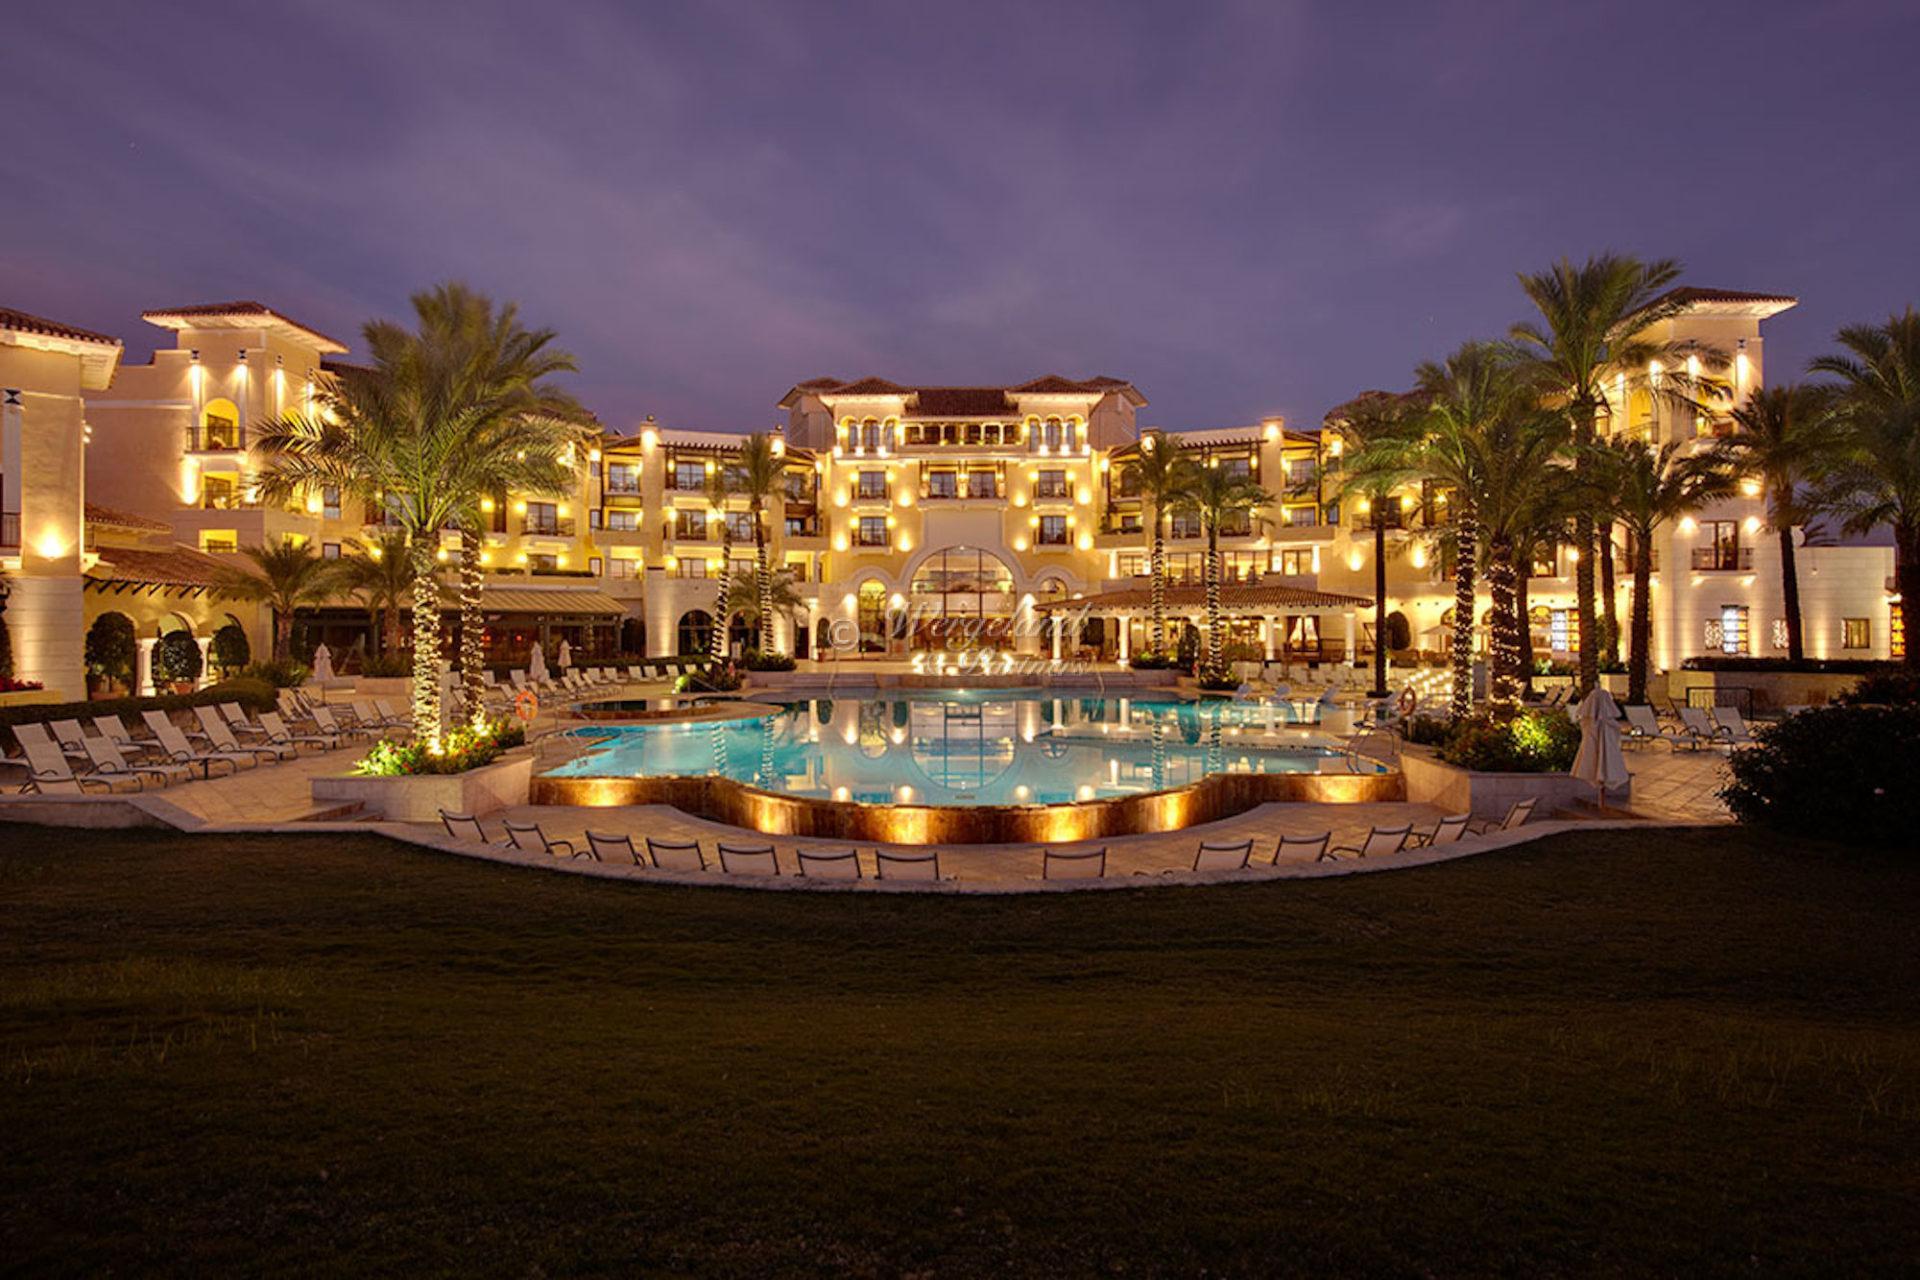 Caliea Mar Menor Hotel